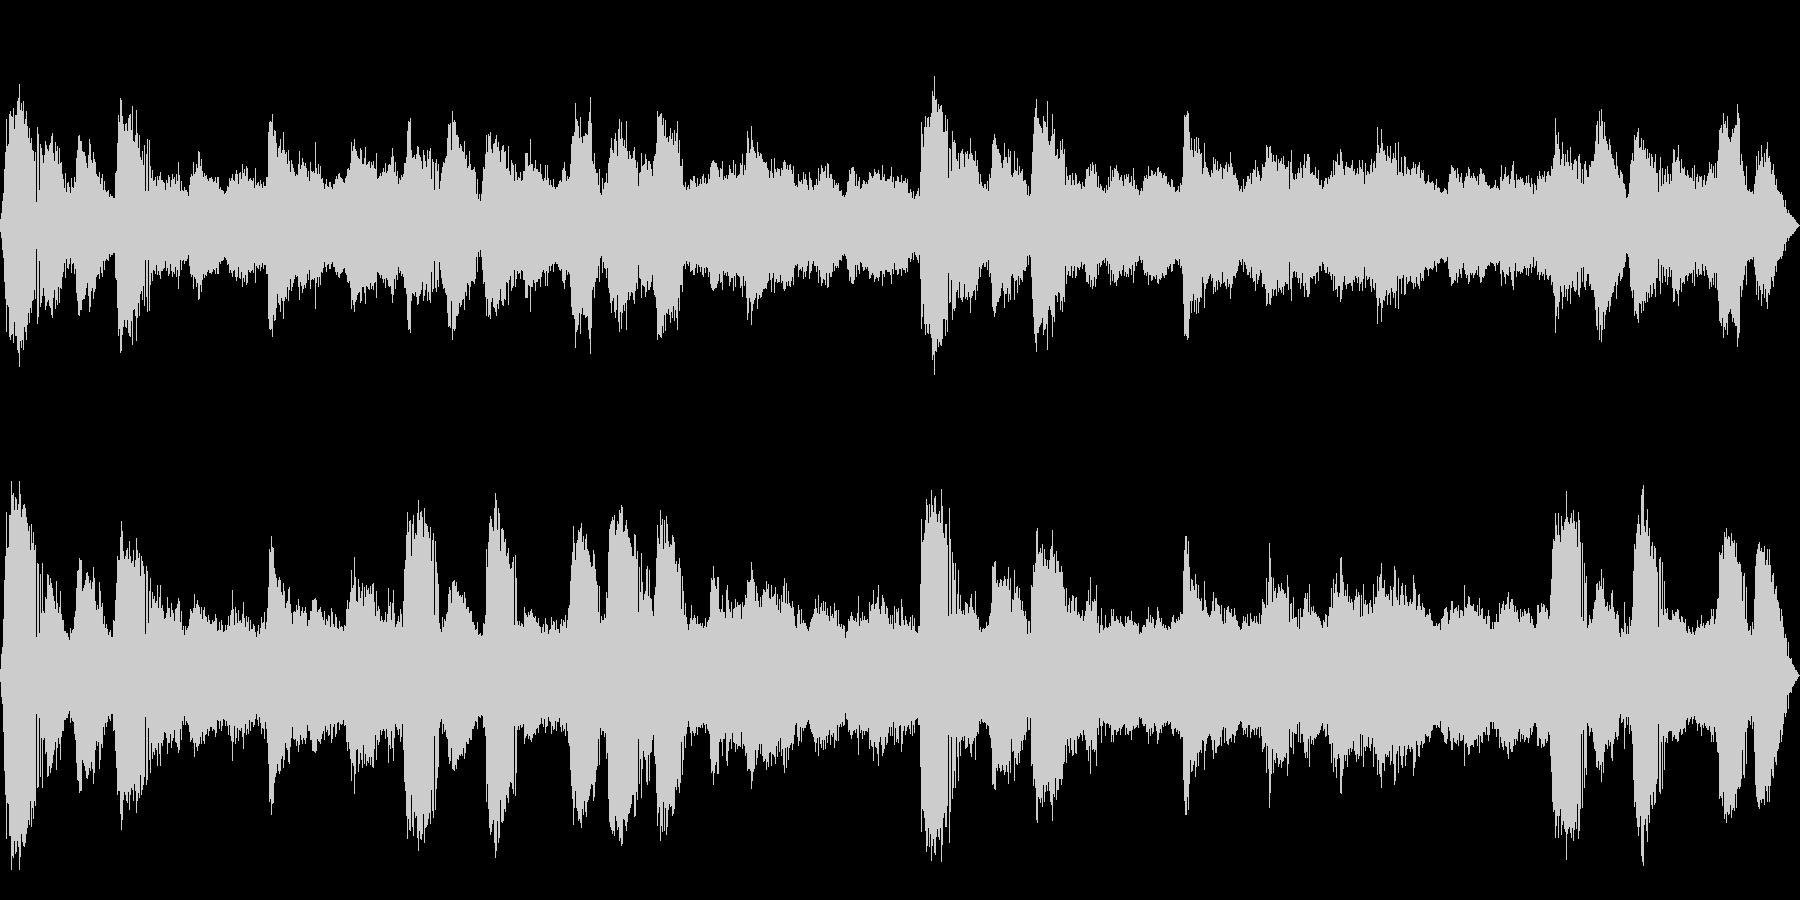 [疑似立体音響]ヒグラシの鳴く森03の未再生の波形